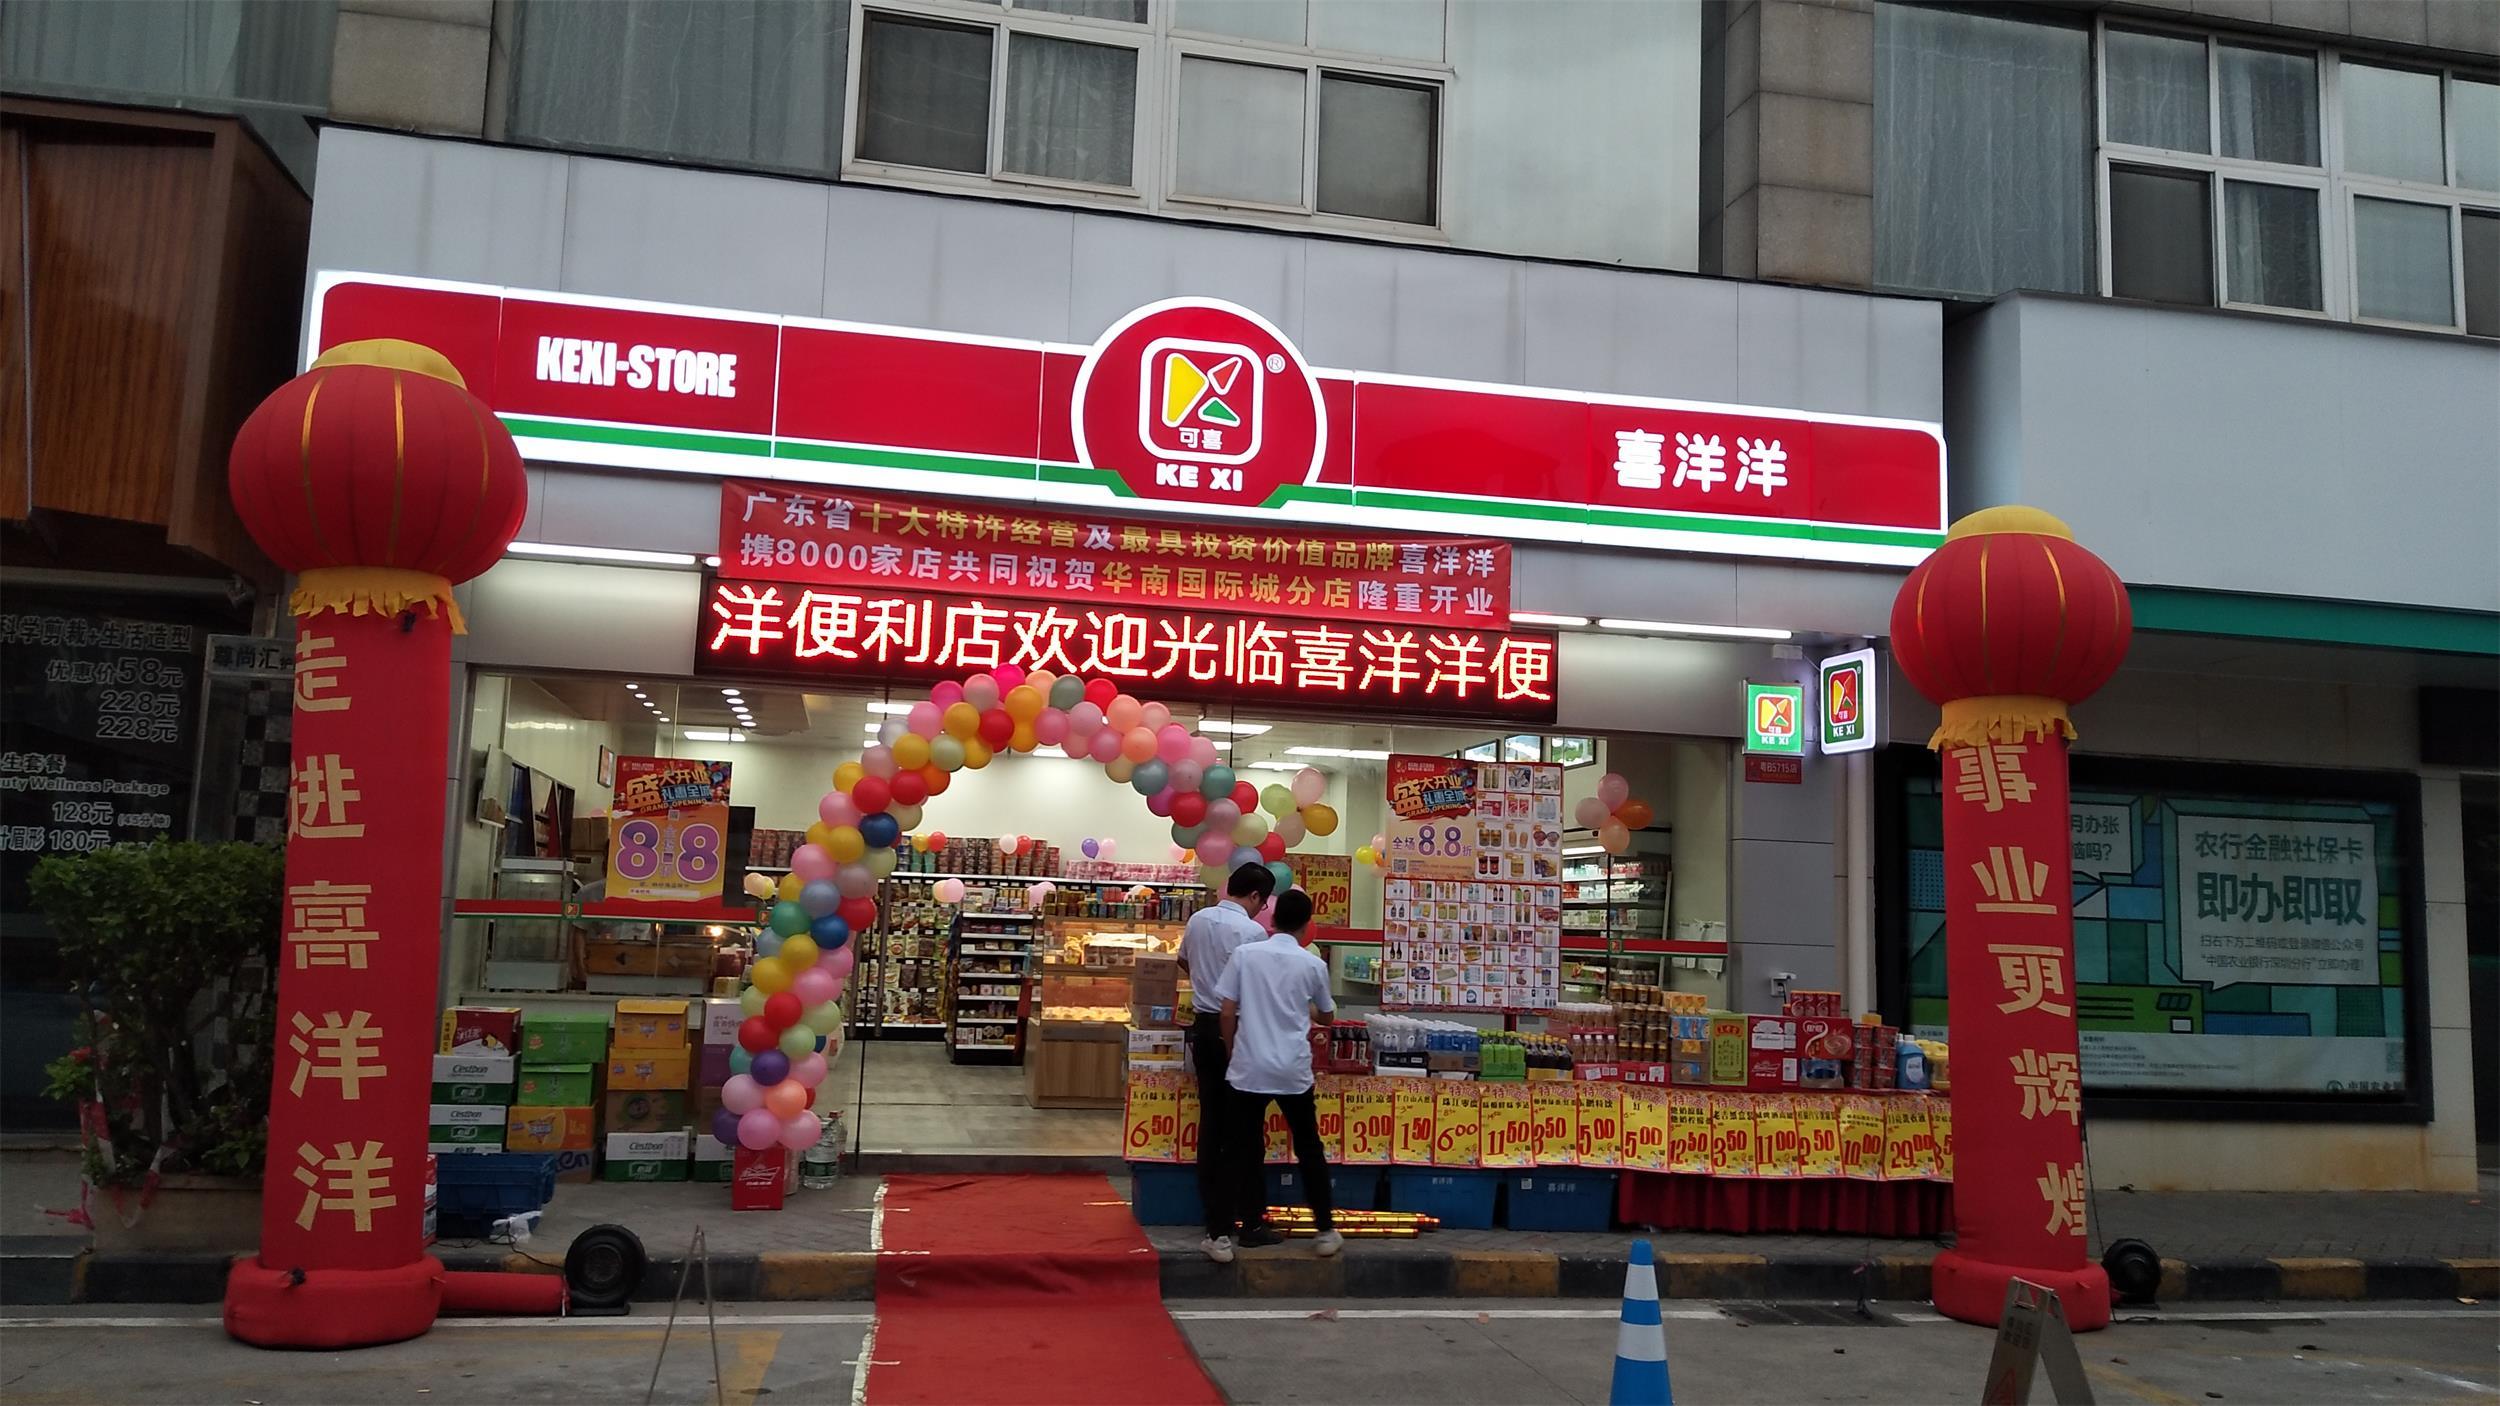 热烈祝贺喜洋洋深圳平湖华南国际分店8月31日盛大开业